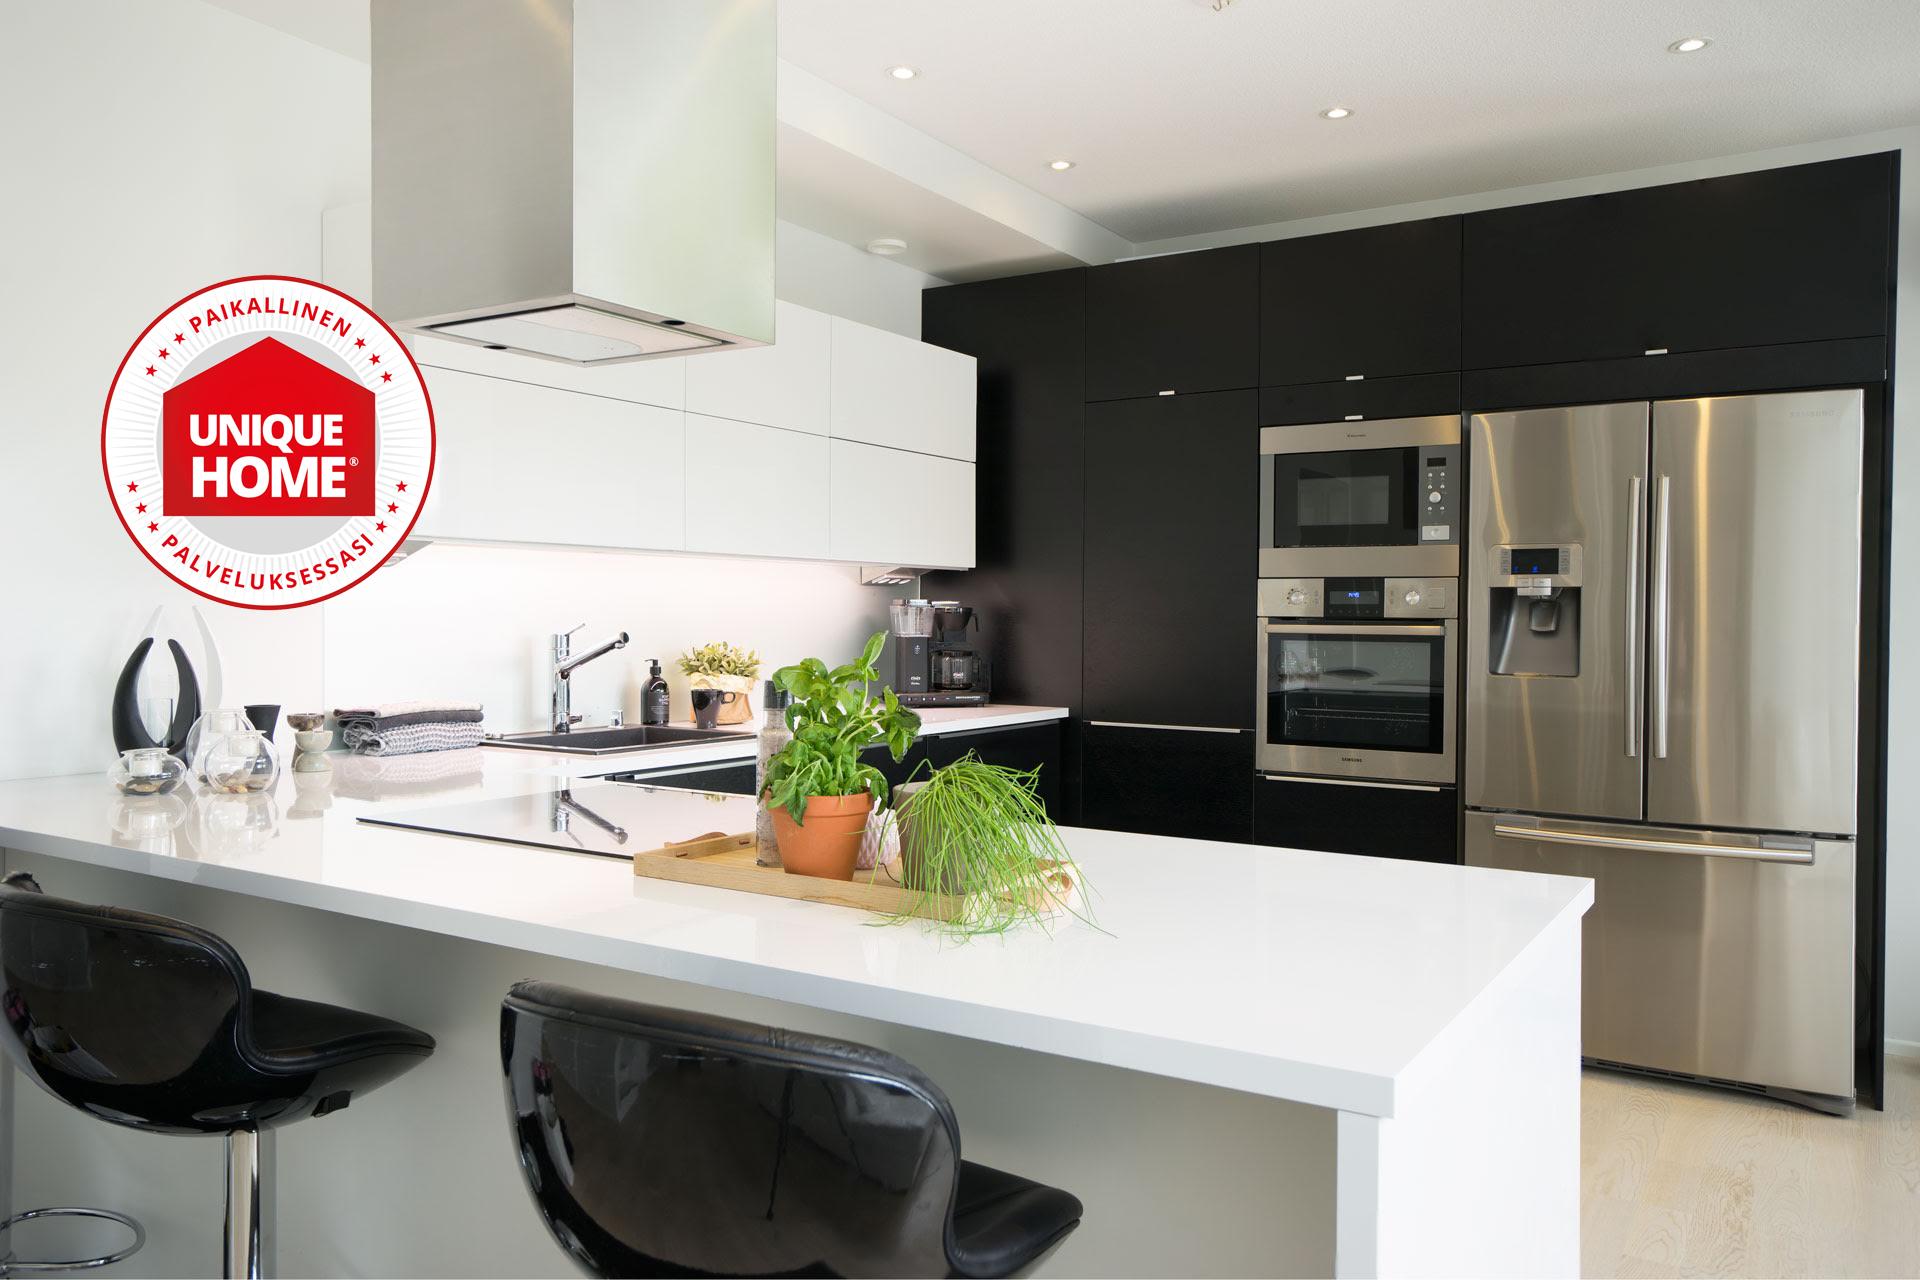 Unique Home-keittiöt Kuusistonkaareen